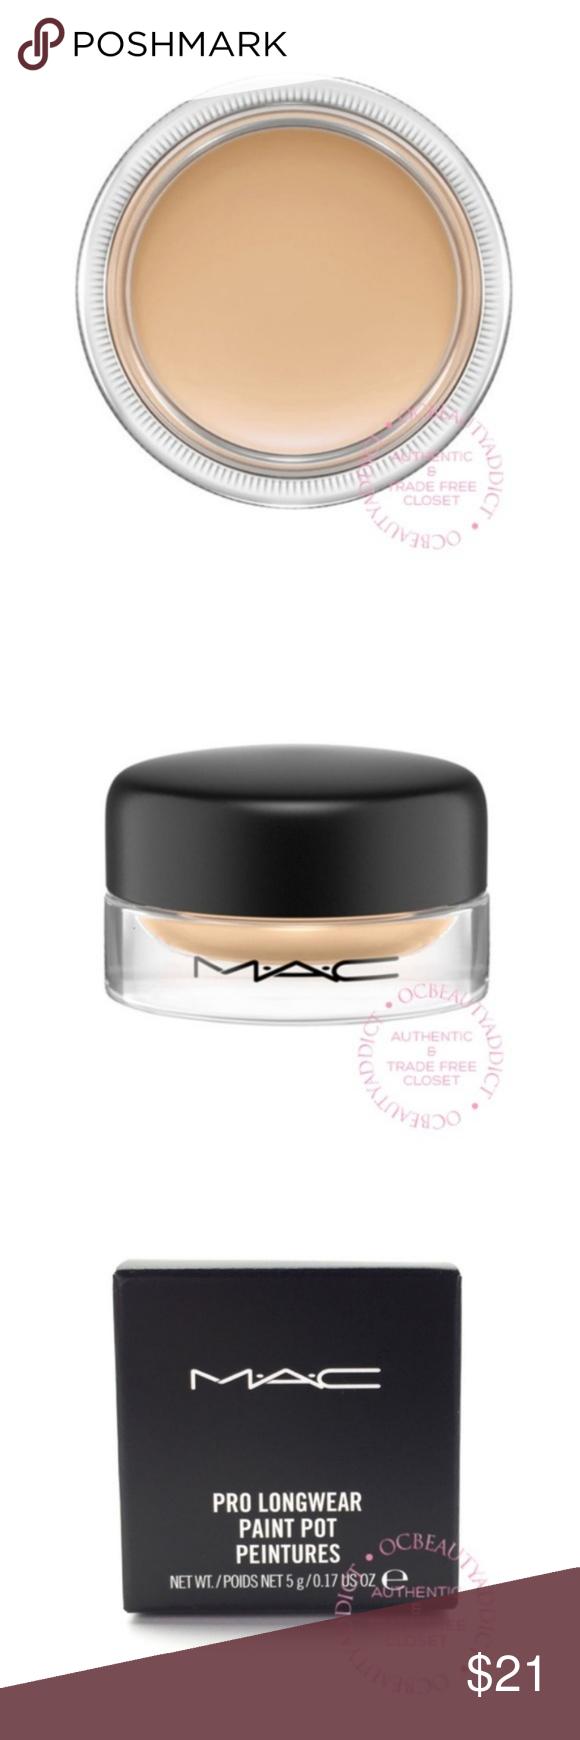 Pinterest blvckswede Skin makeup, Makeup obsession